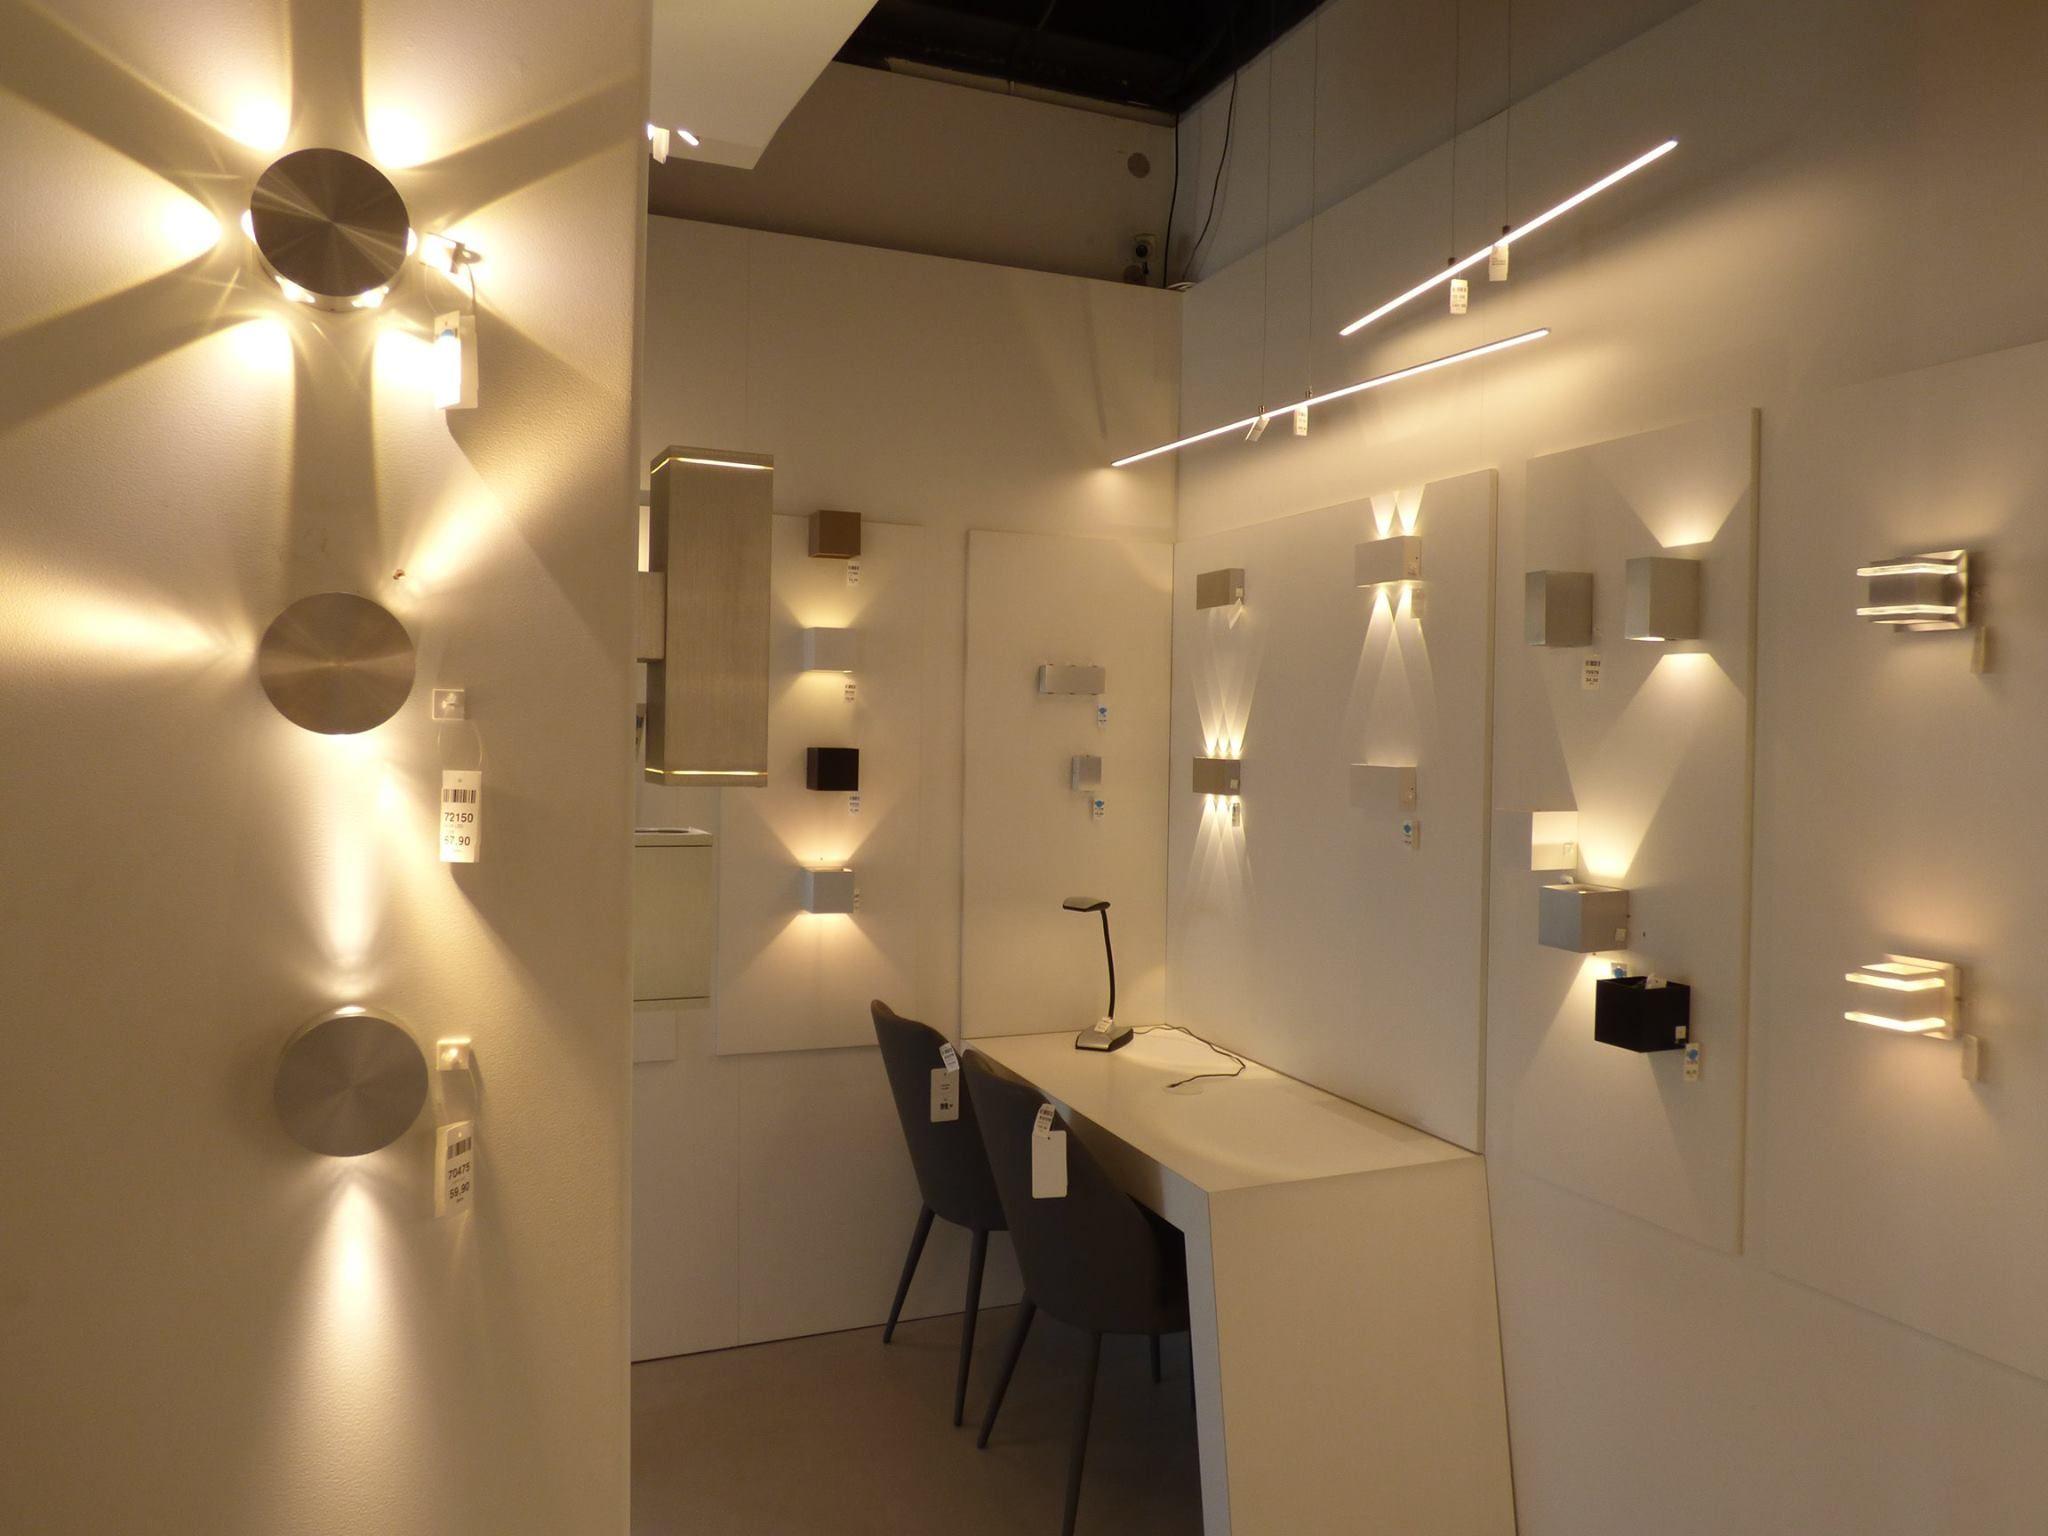 Iluminaci n showroom tienda interior l mparas - Iluminacion led para interiores ...